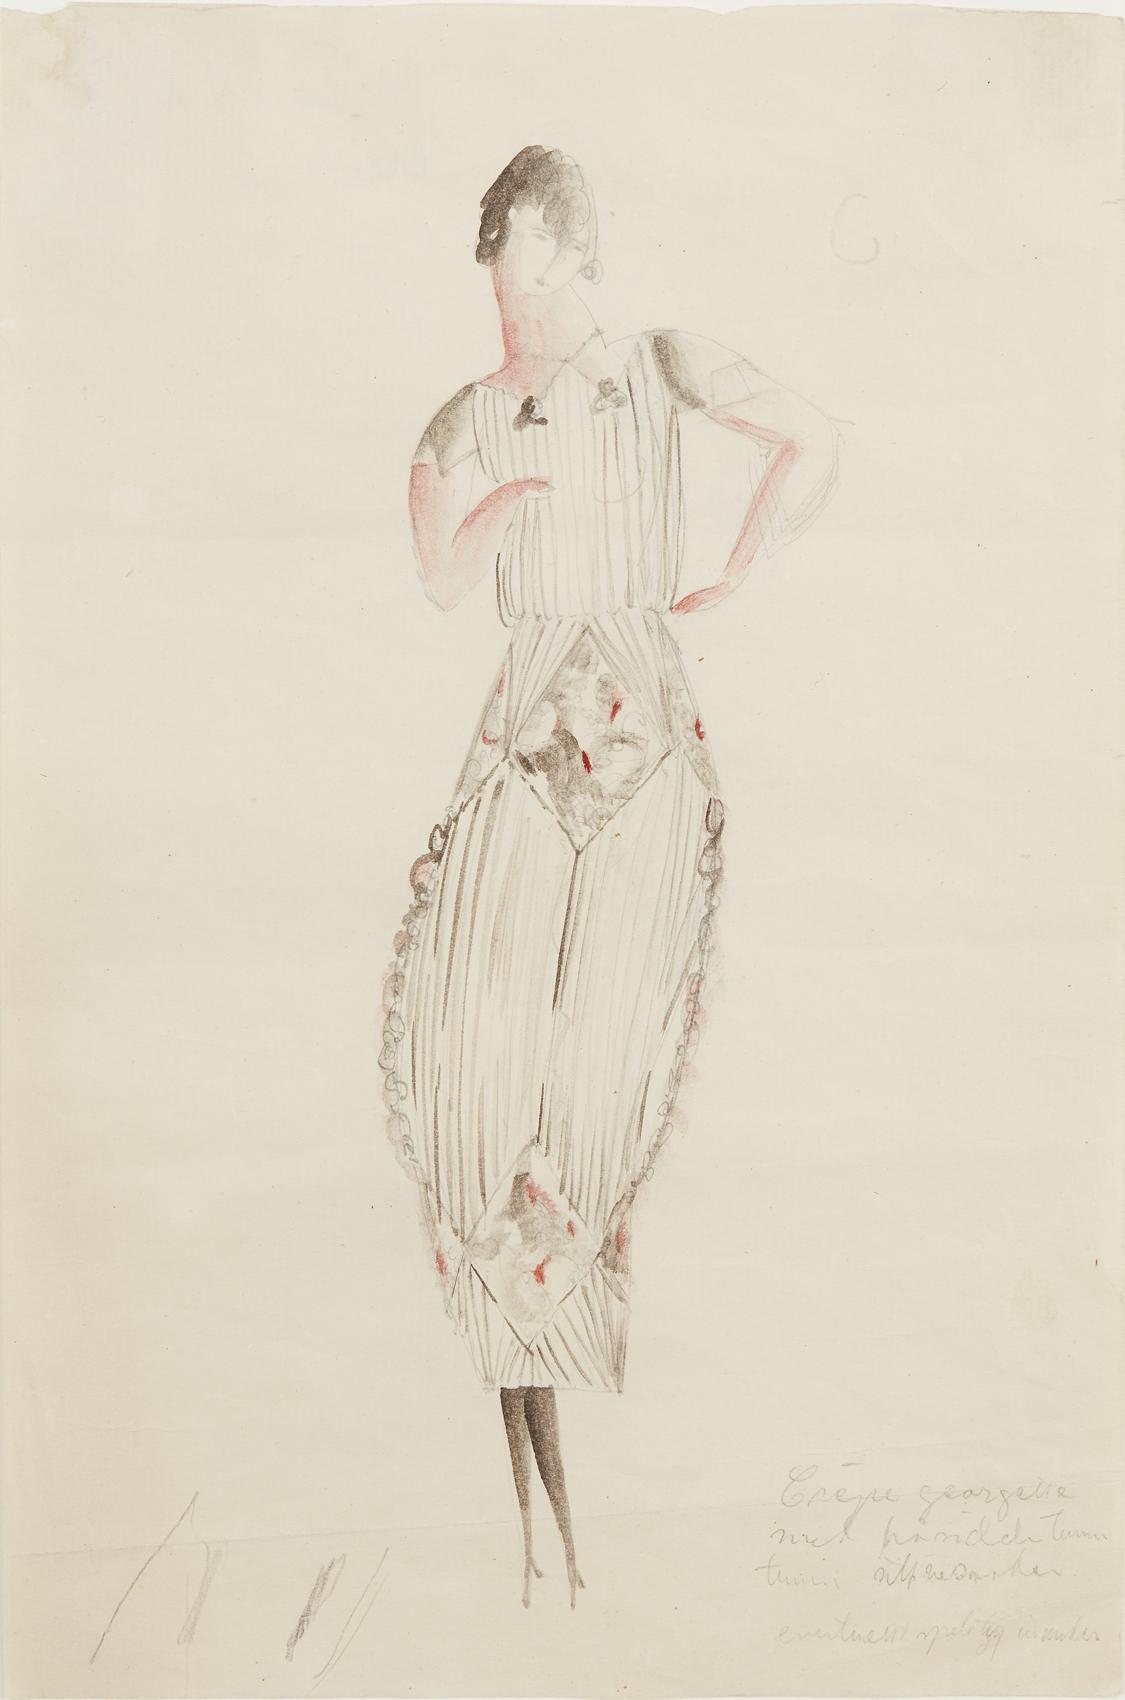 Siri Derkert   Plisserad klänning med rombdekor  1917-21 Watercolor 29,5 x 19 cm